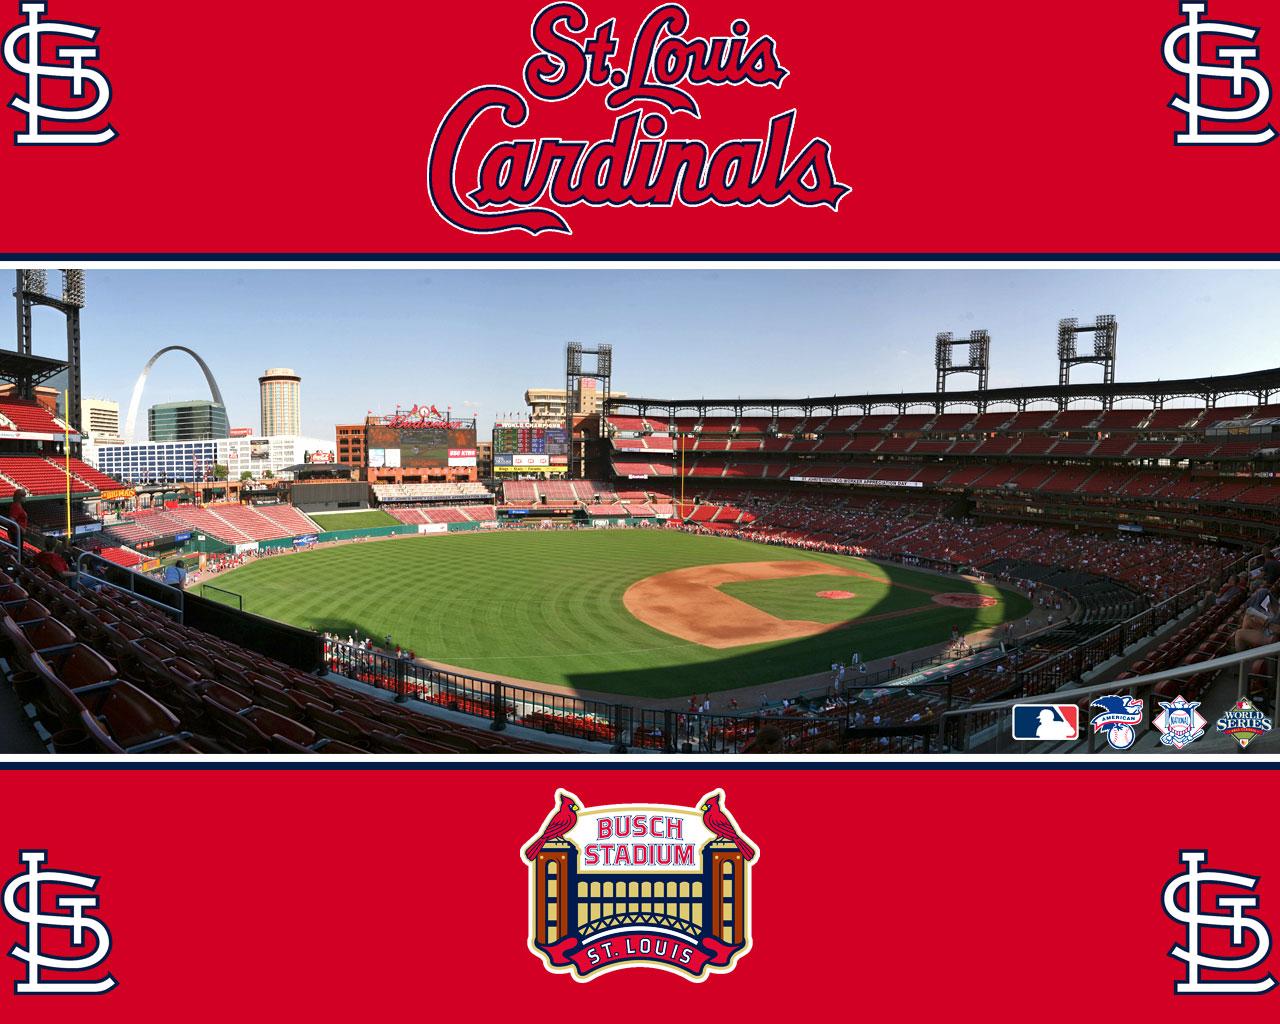 http://3.bp.blogspot.com/-wDQzjqo2fds/TjnR37UII0I/AAAAAAAAF3E/J0-1S4uyLmk/s1600/st+louis+cardinals2.jpg